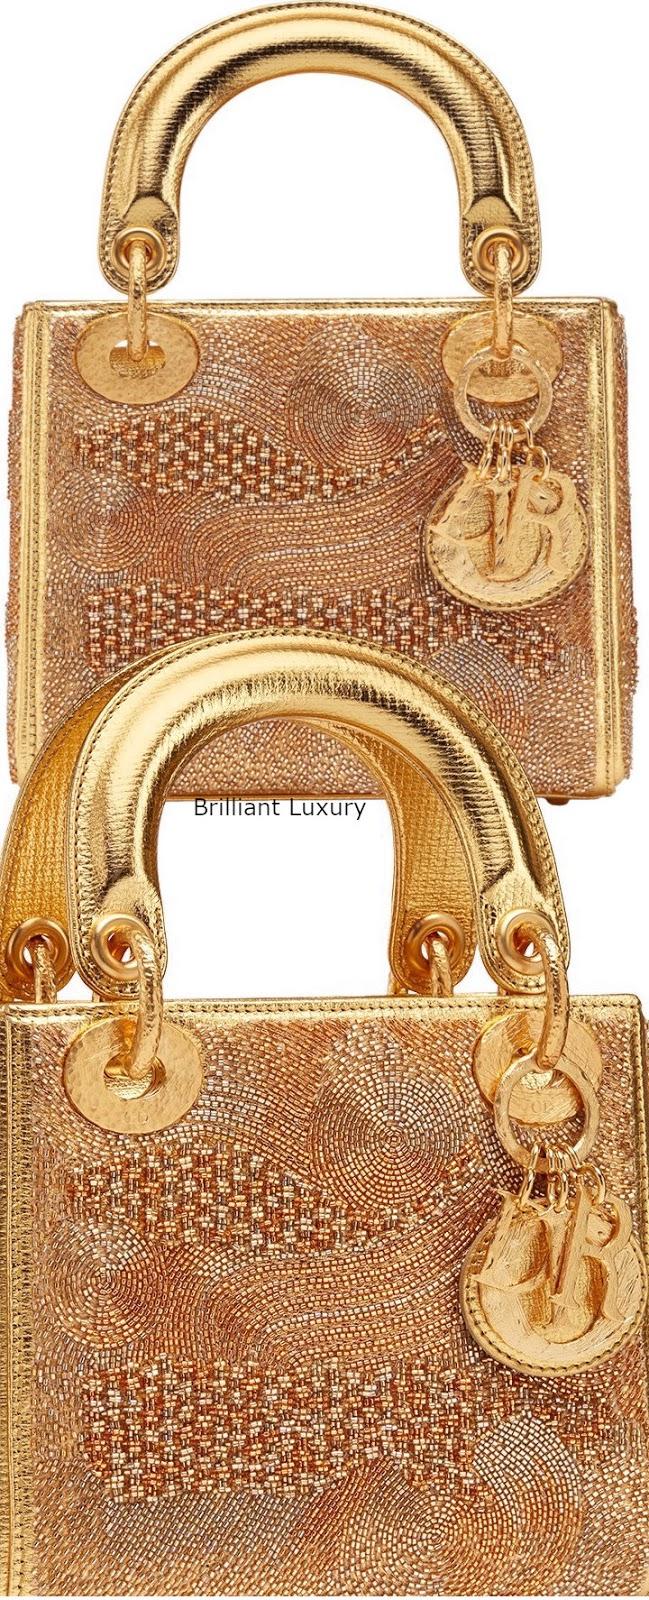 Brilliant Luxury♦Lady Dior bag, gold color textured goatskin, designer Olga De Amaral